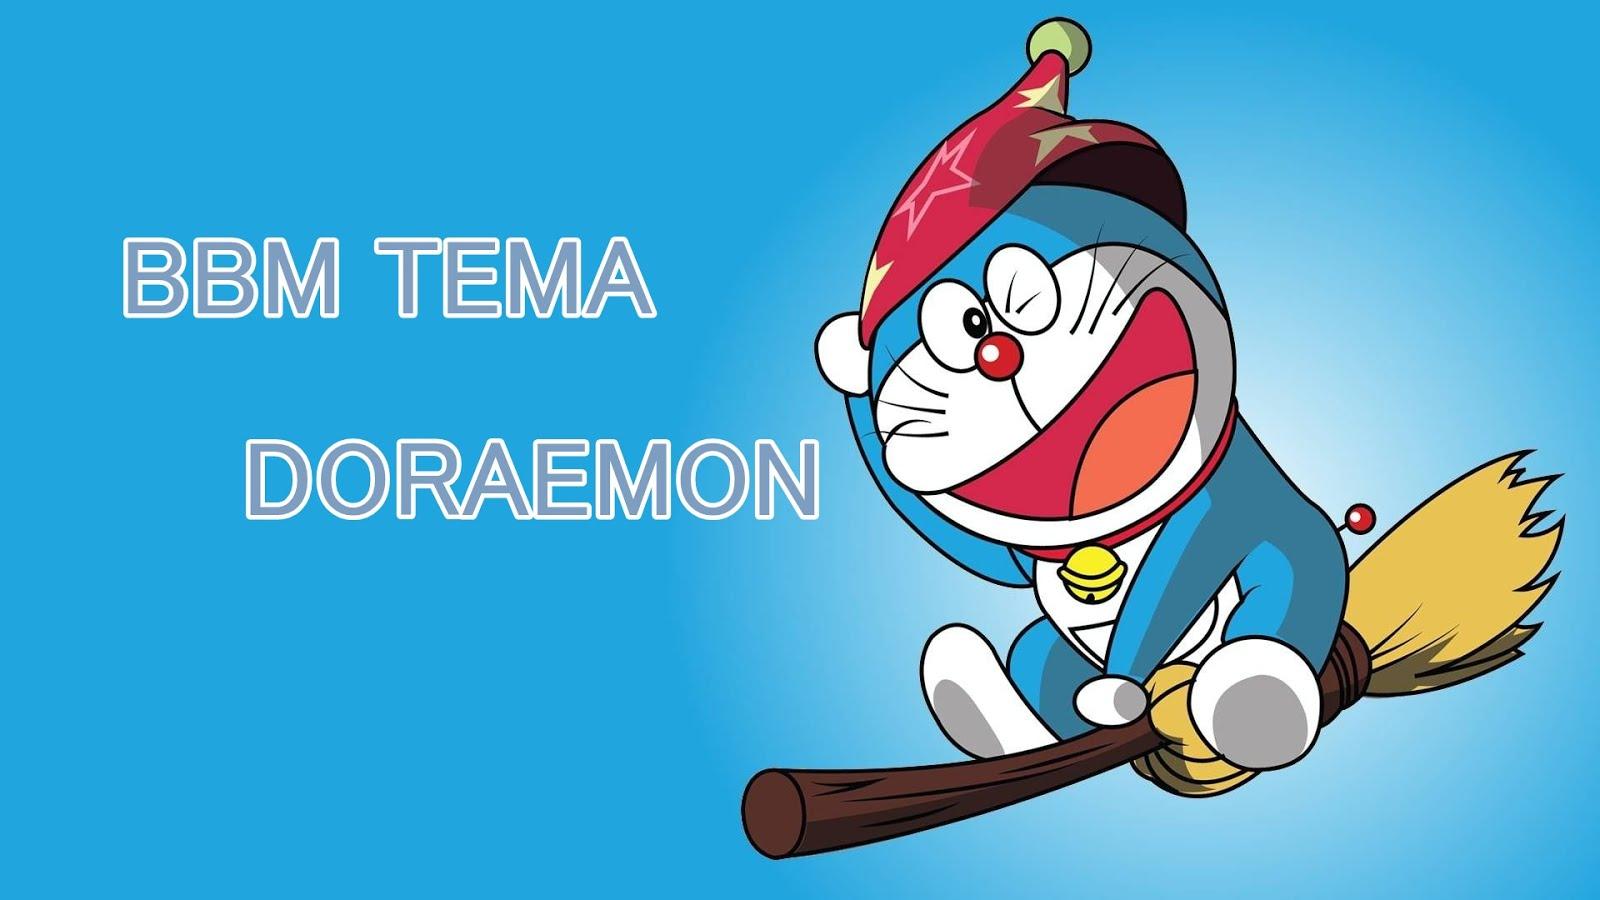 BBM Tema Doraemon